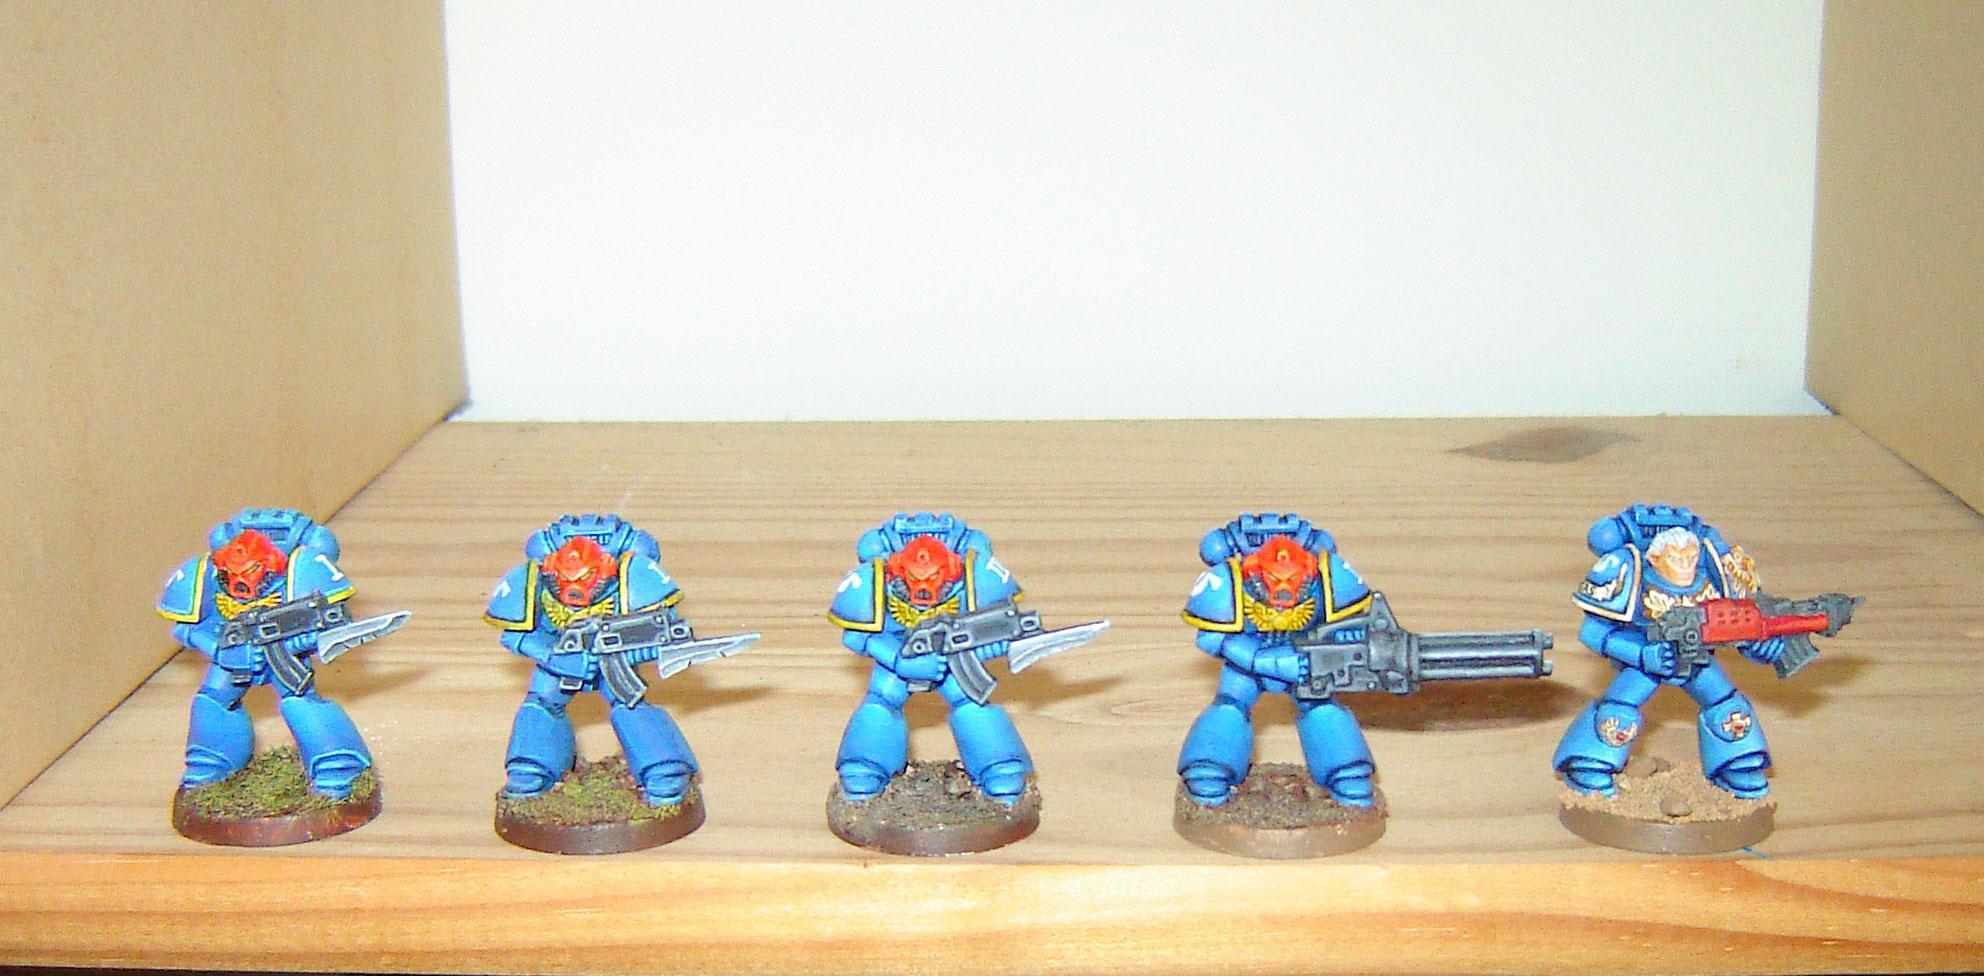 Old School, Space Crusade, Space Marines, Ultramarines, Warhammer 40,000